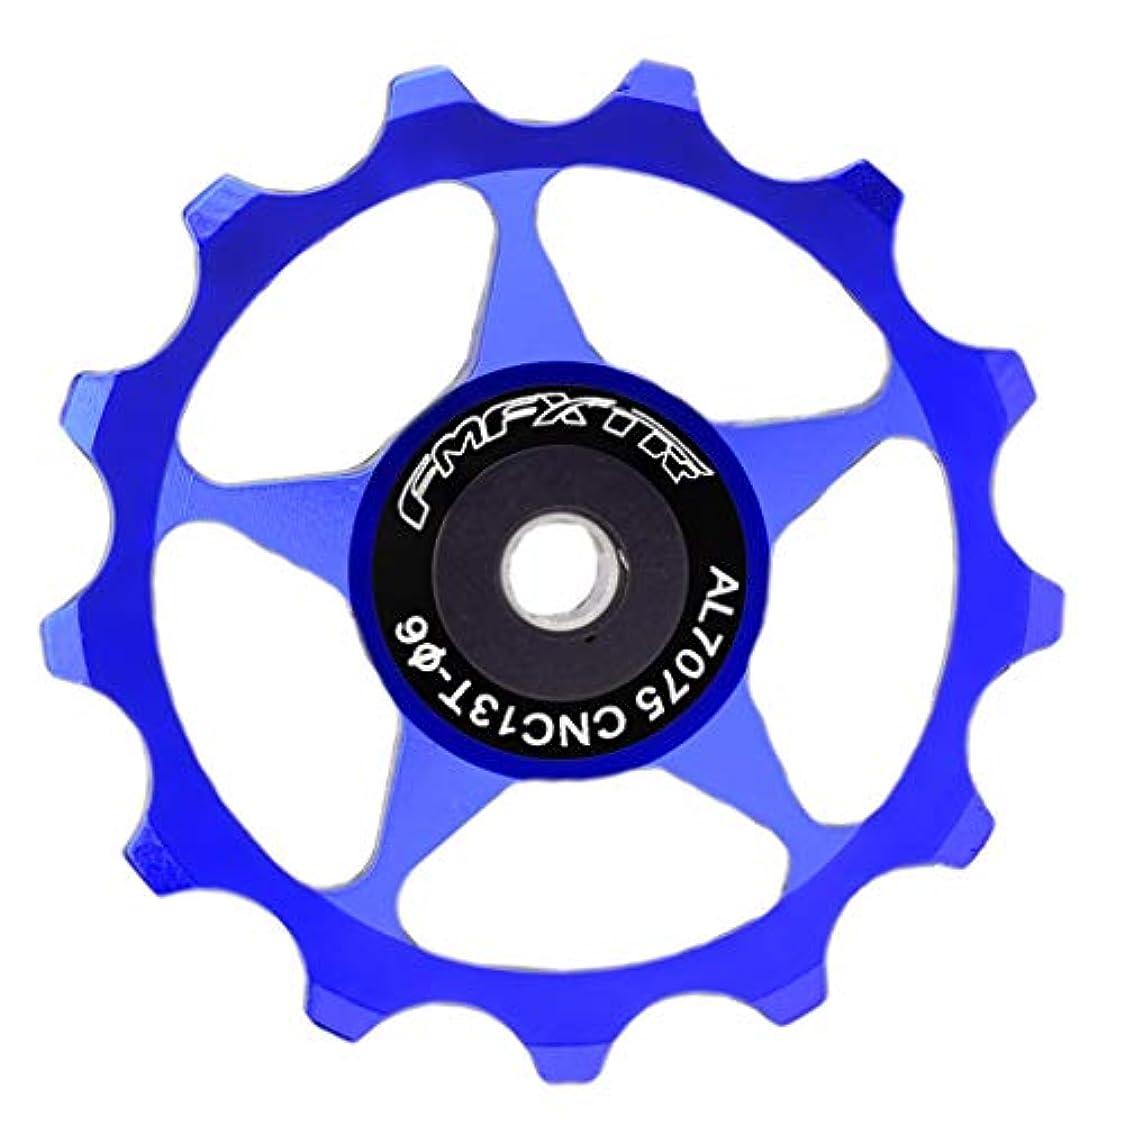 バイソン無許可さようならD DOLITY セラミック バイクジョッキーホイール 13Tガイド 固定ギア 自転車部品